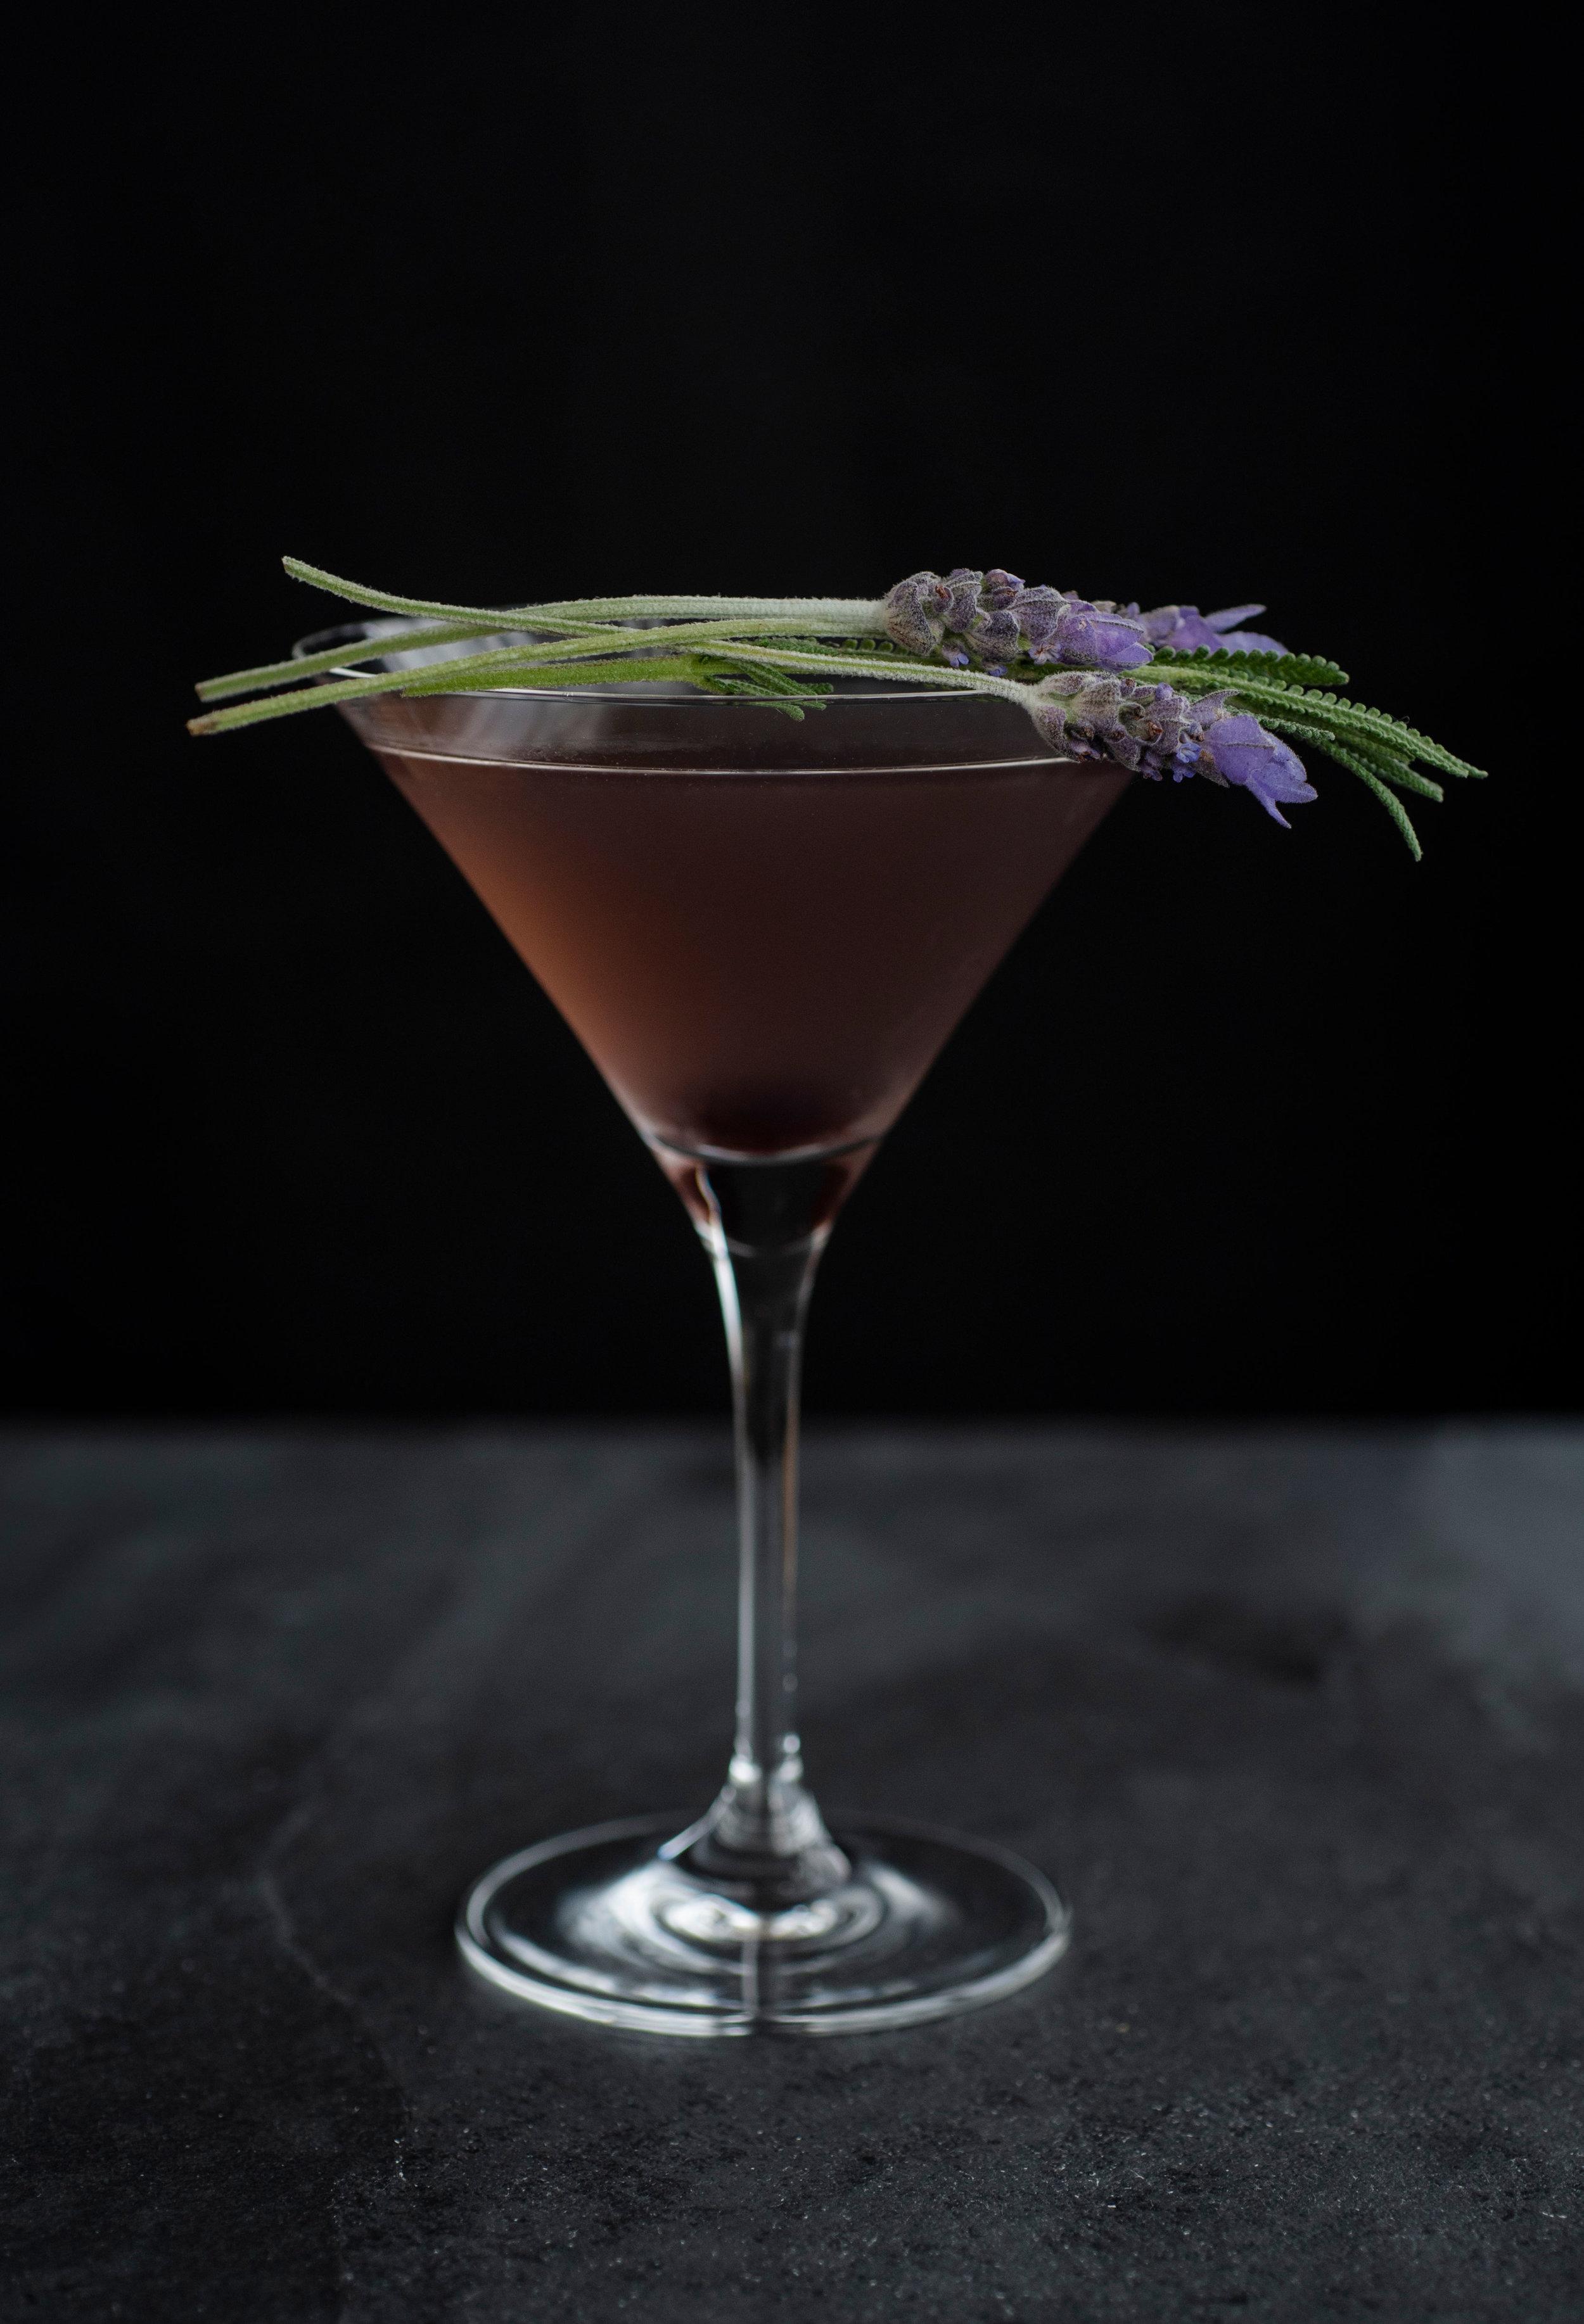 Creme de Violette Cocktail